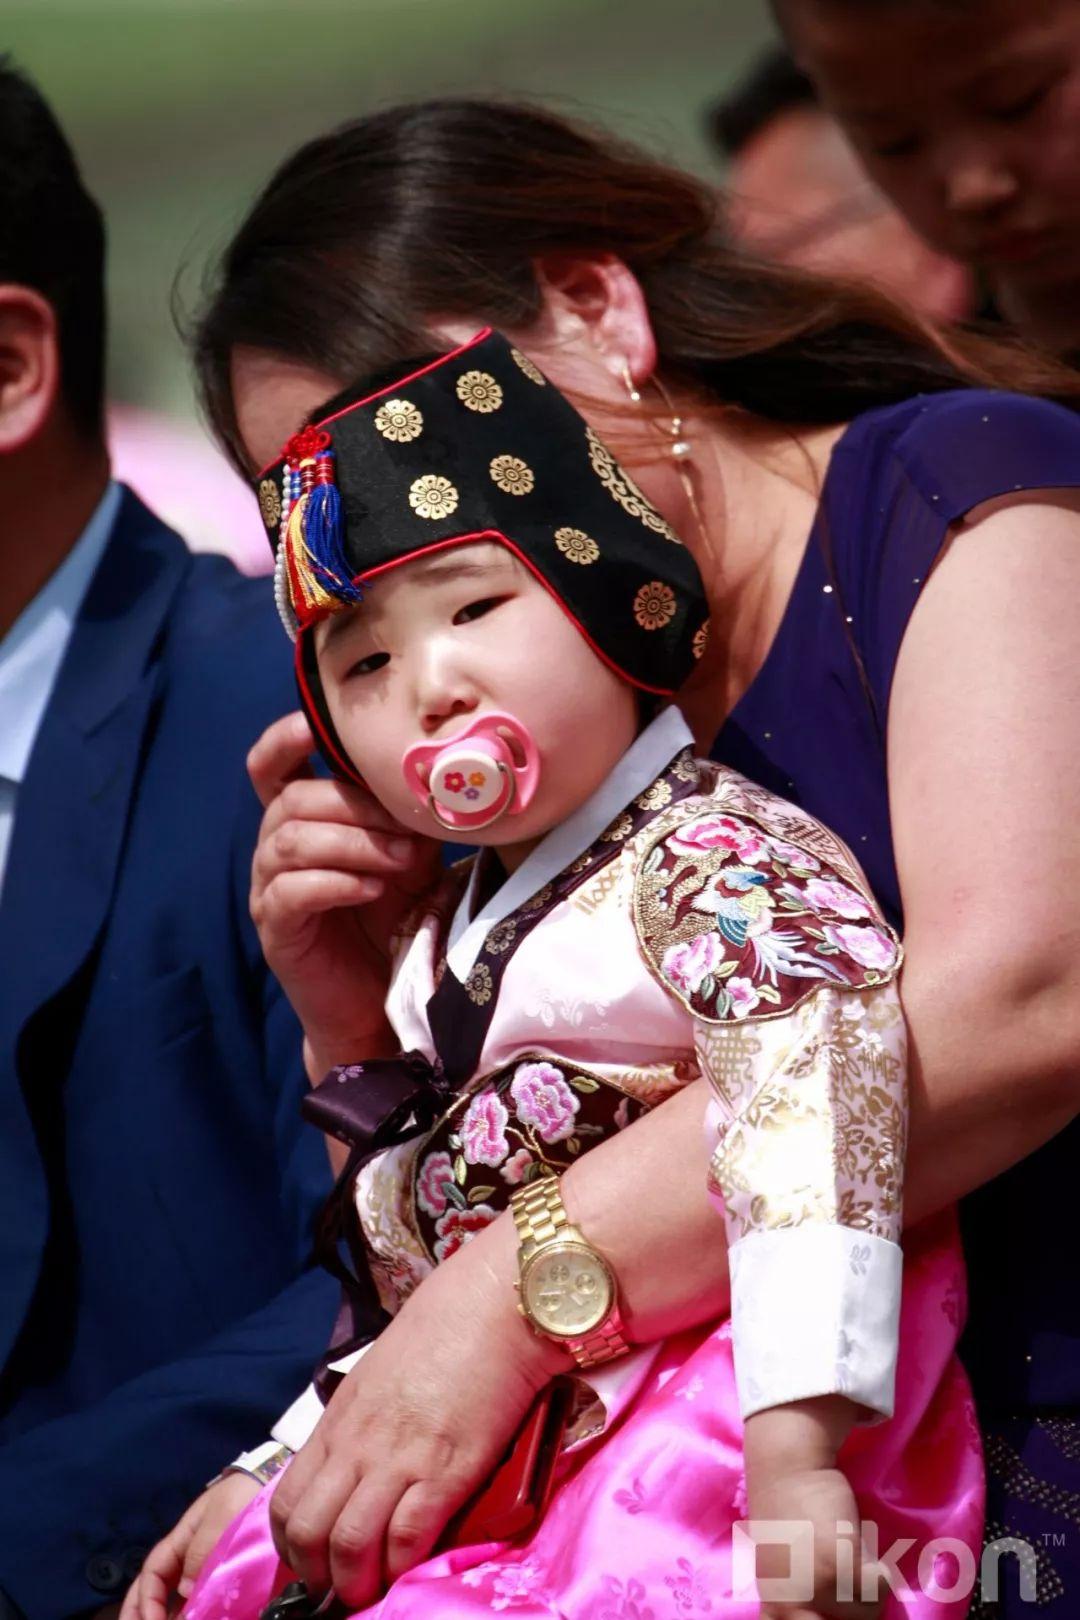 蒙古国的儿童节,愿我们永远有一颗童心! 第16张 蒙古国的儿童节,愿我们永远有一颗童心! 蒙古文化